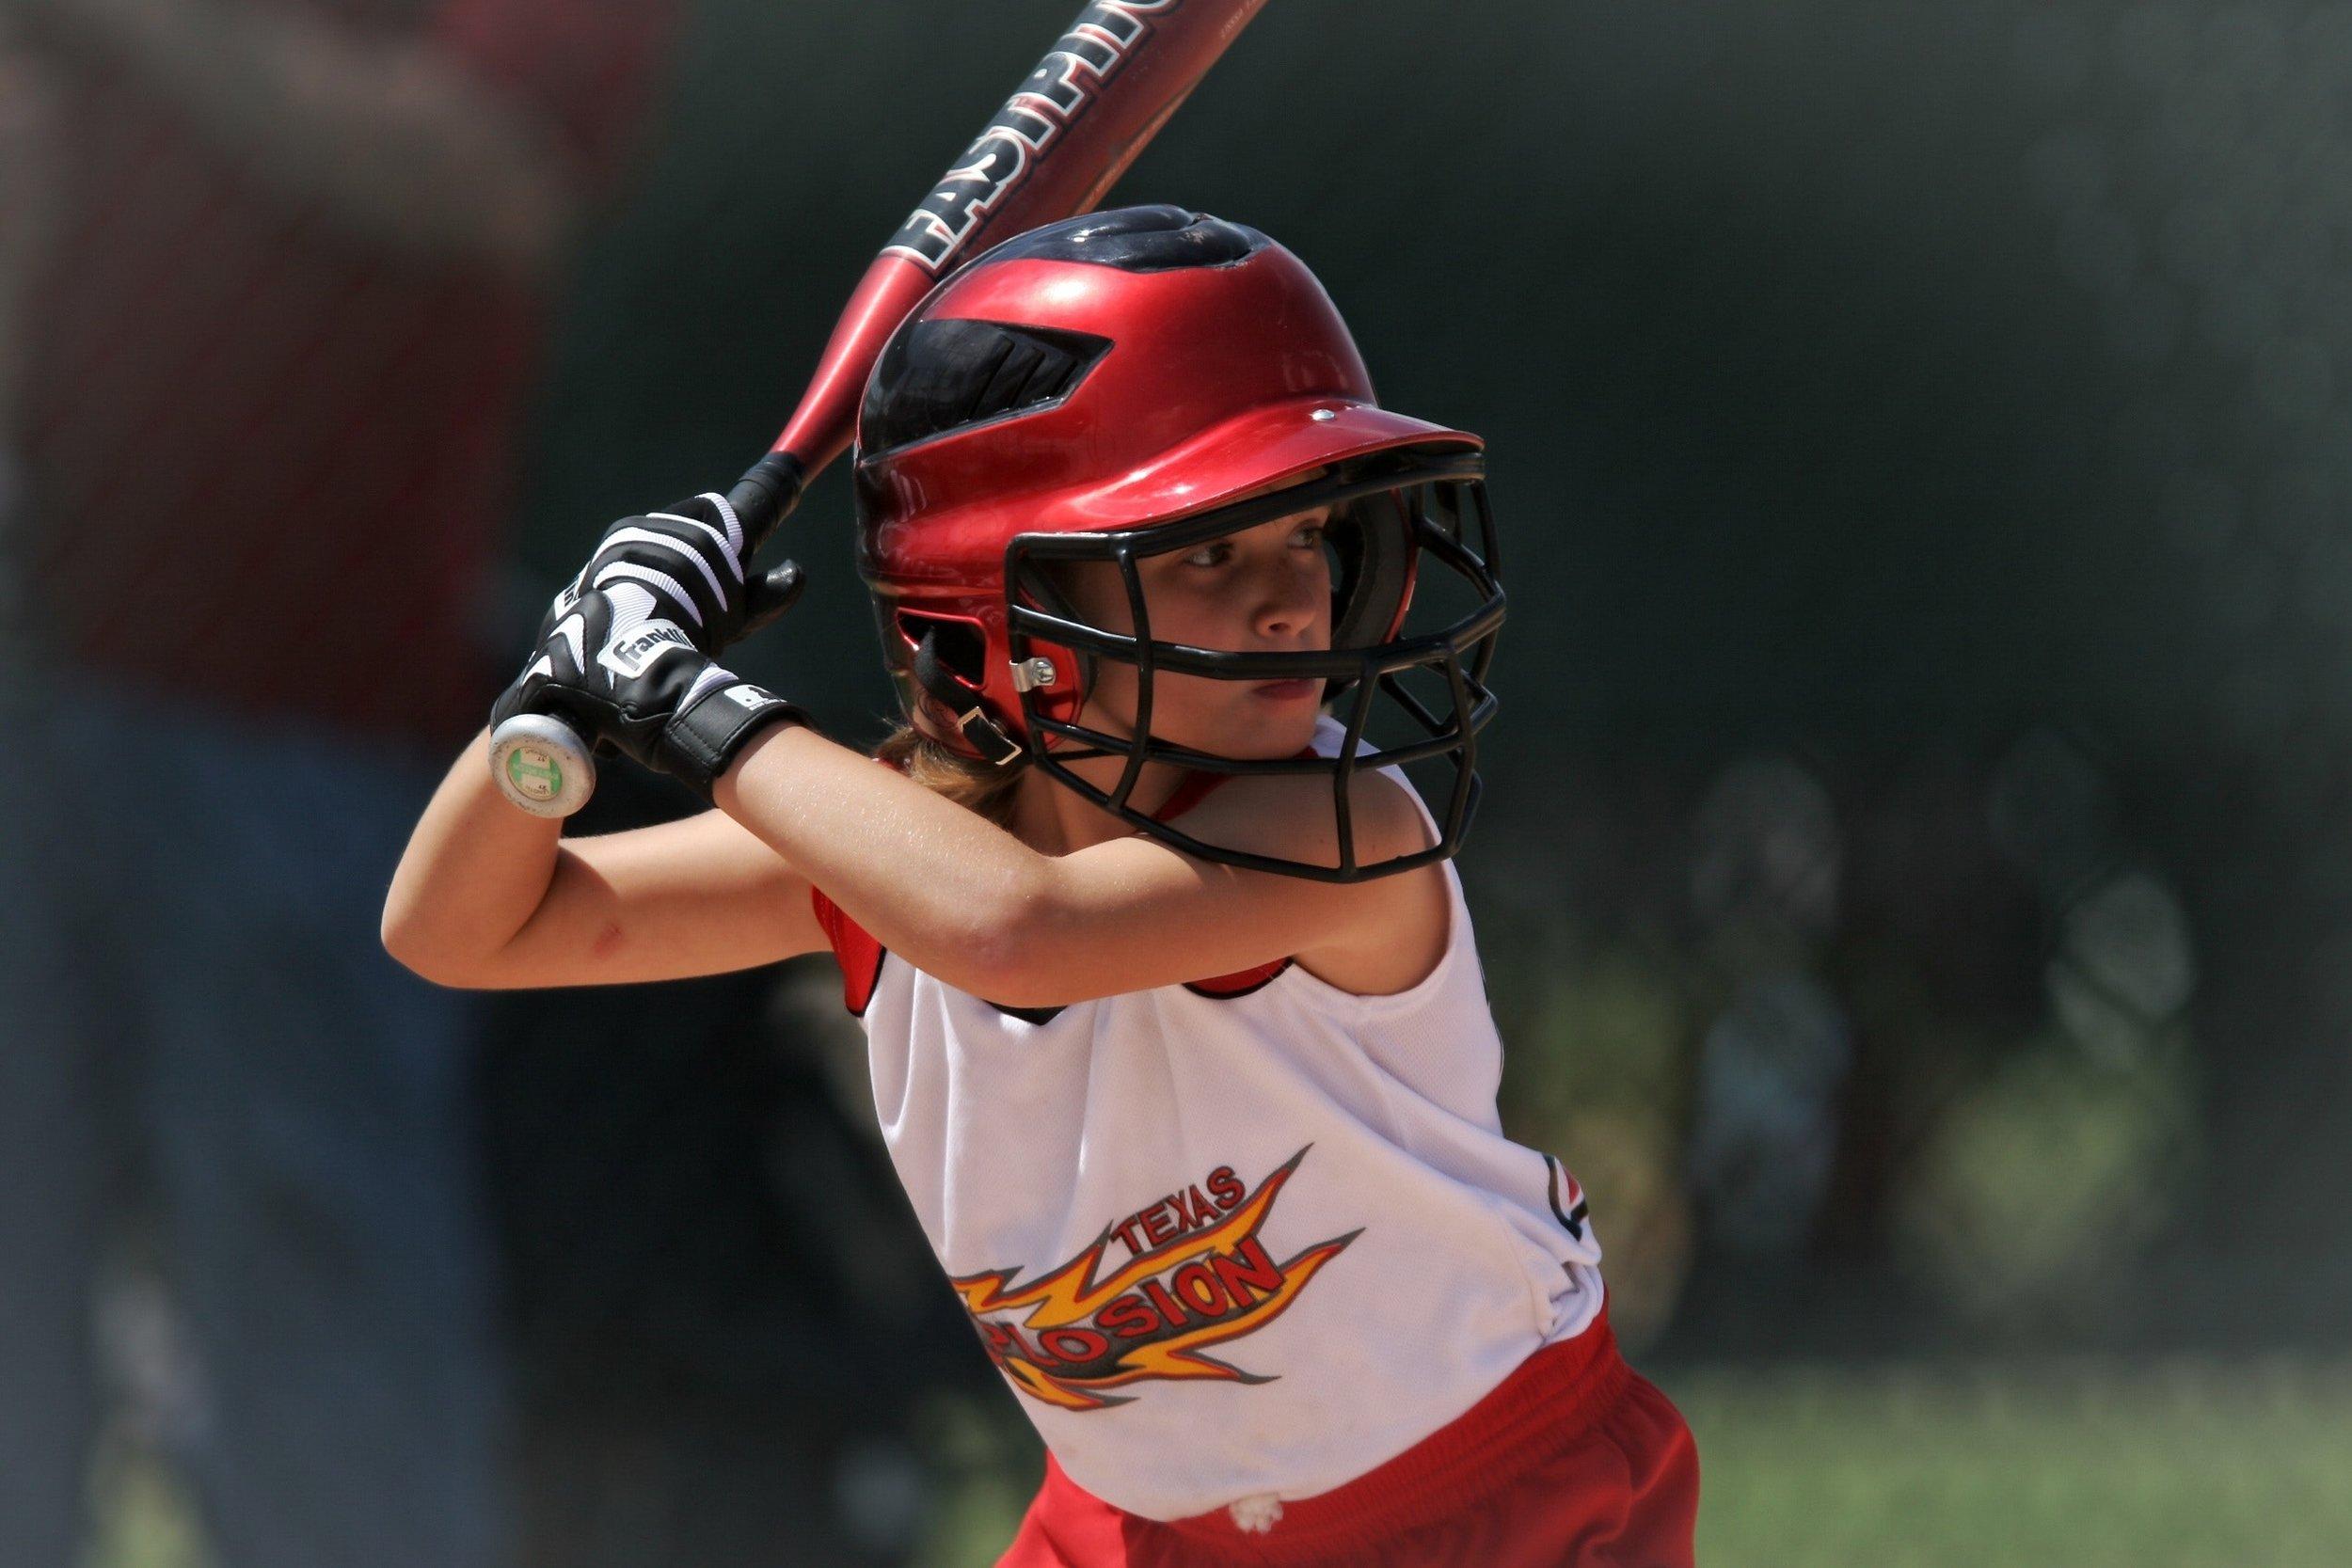 115 116 action-athlete-baseball-163304.jpg